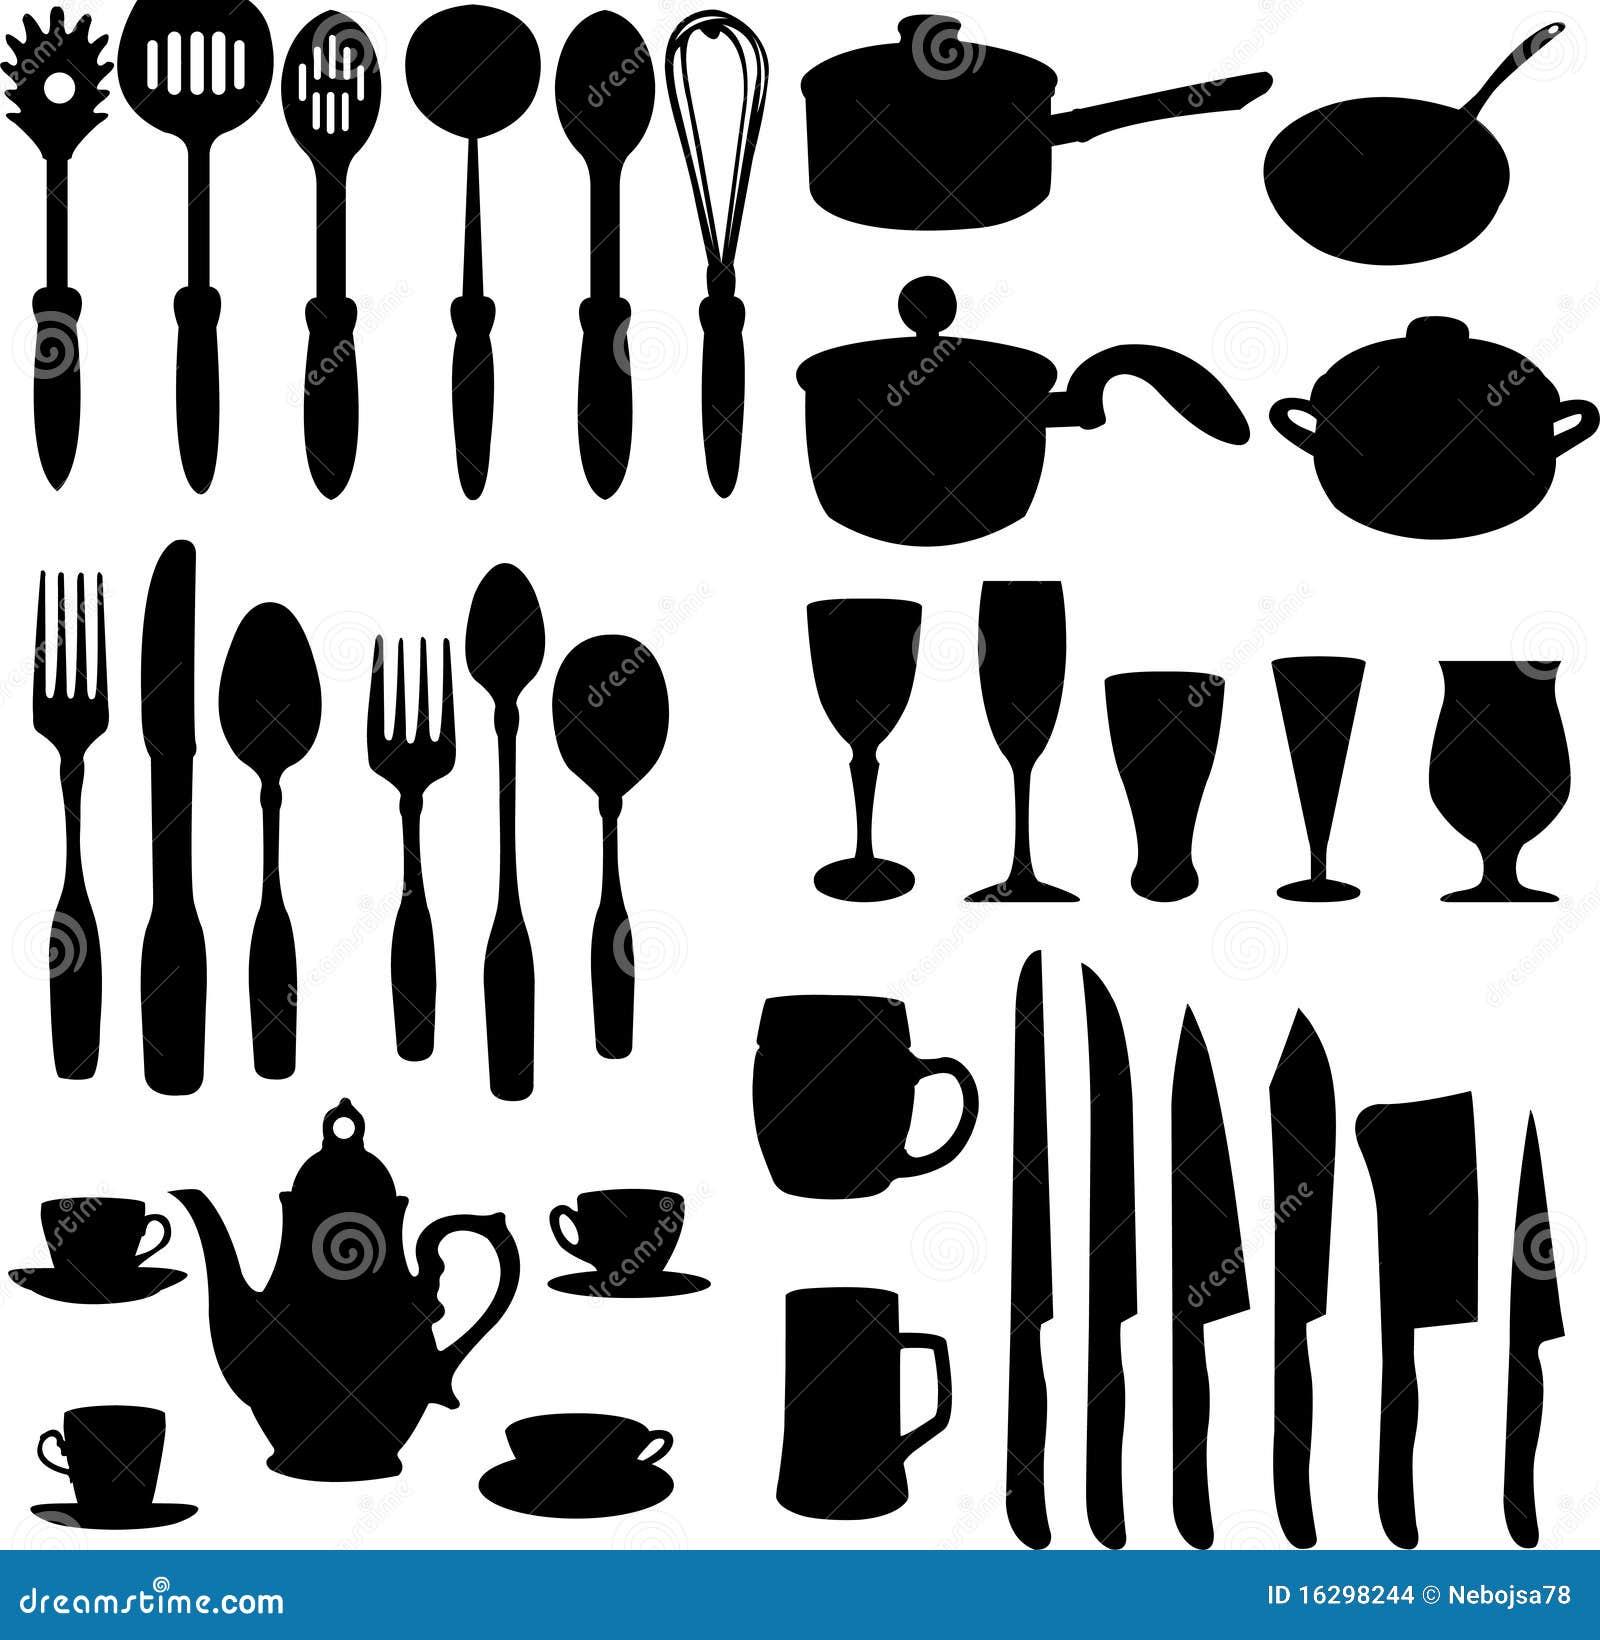 Kitchen Art Logo: Objetos Da Cozinha Imagens De Stock